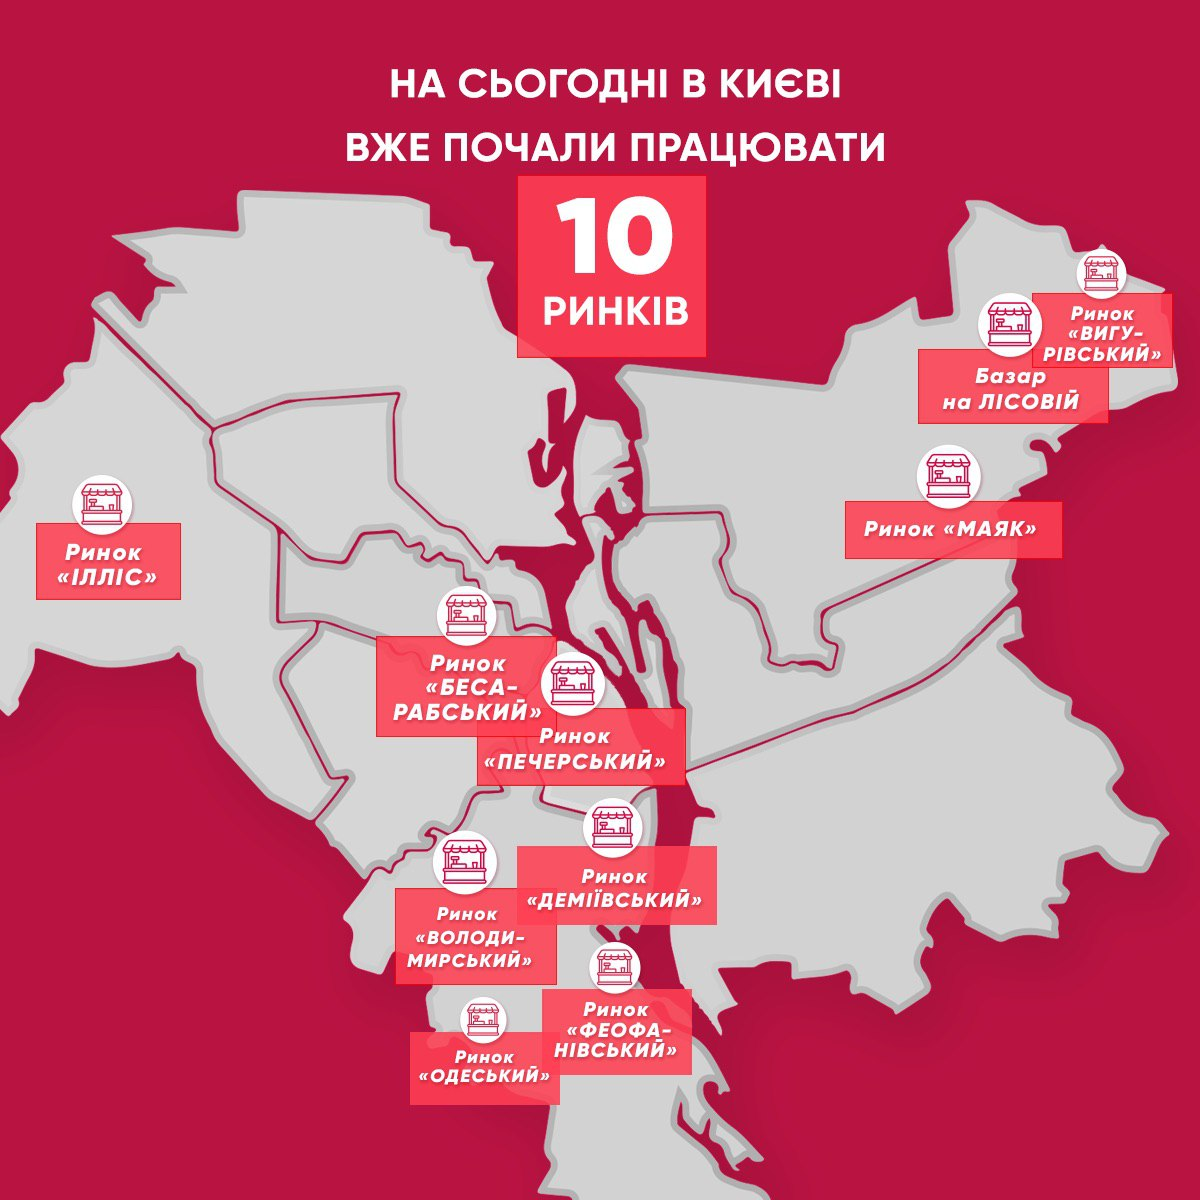 Рынки, которые открылись в Киеве (Фото - пресс-служба мэра)